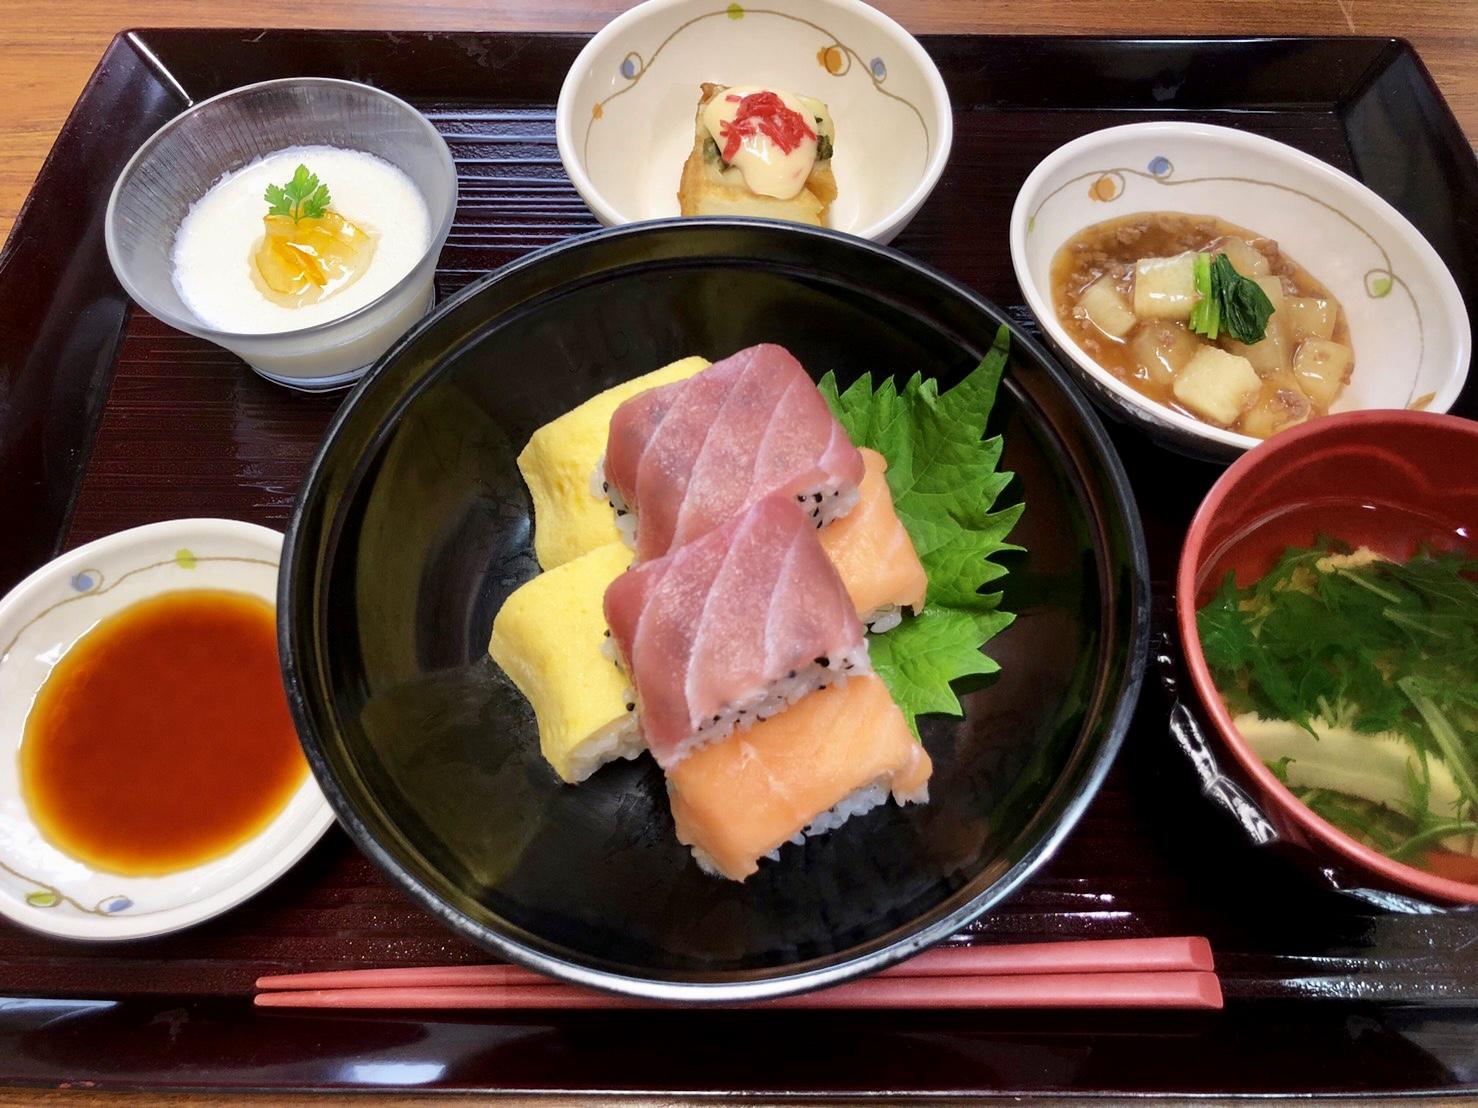 【平成医療福祉グループ】今年はWEB審査で実施! 第9回 献立・調理コンクールの結果が発表!